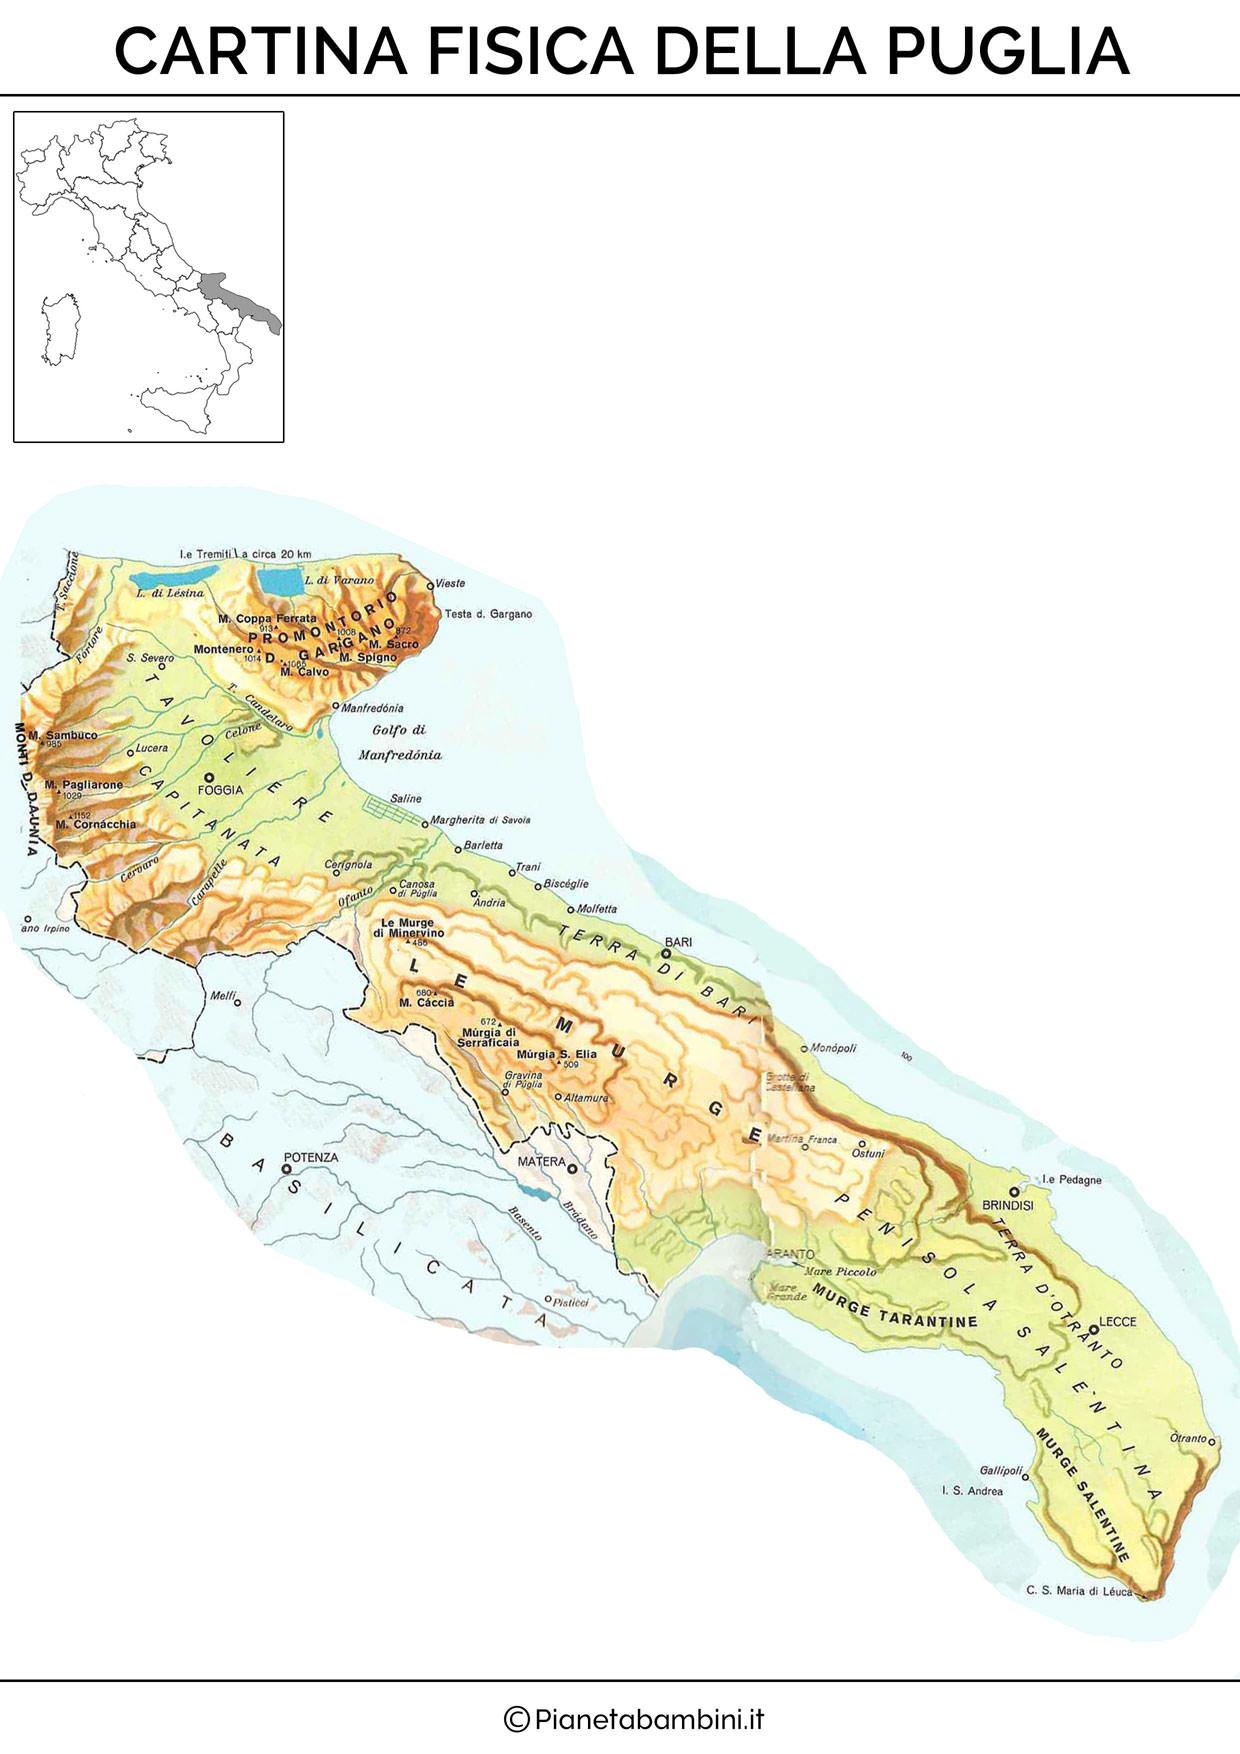 Cartina della Puglia in versione fisica